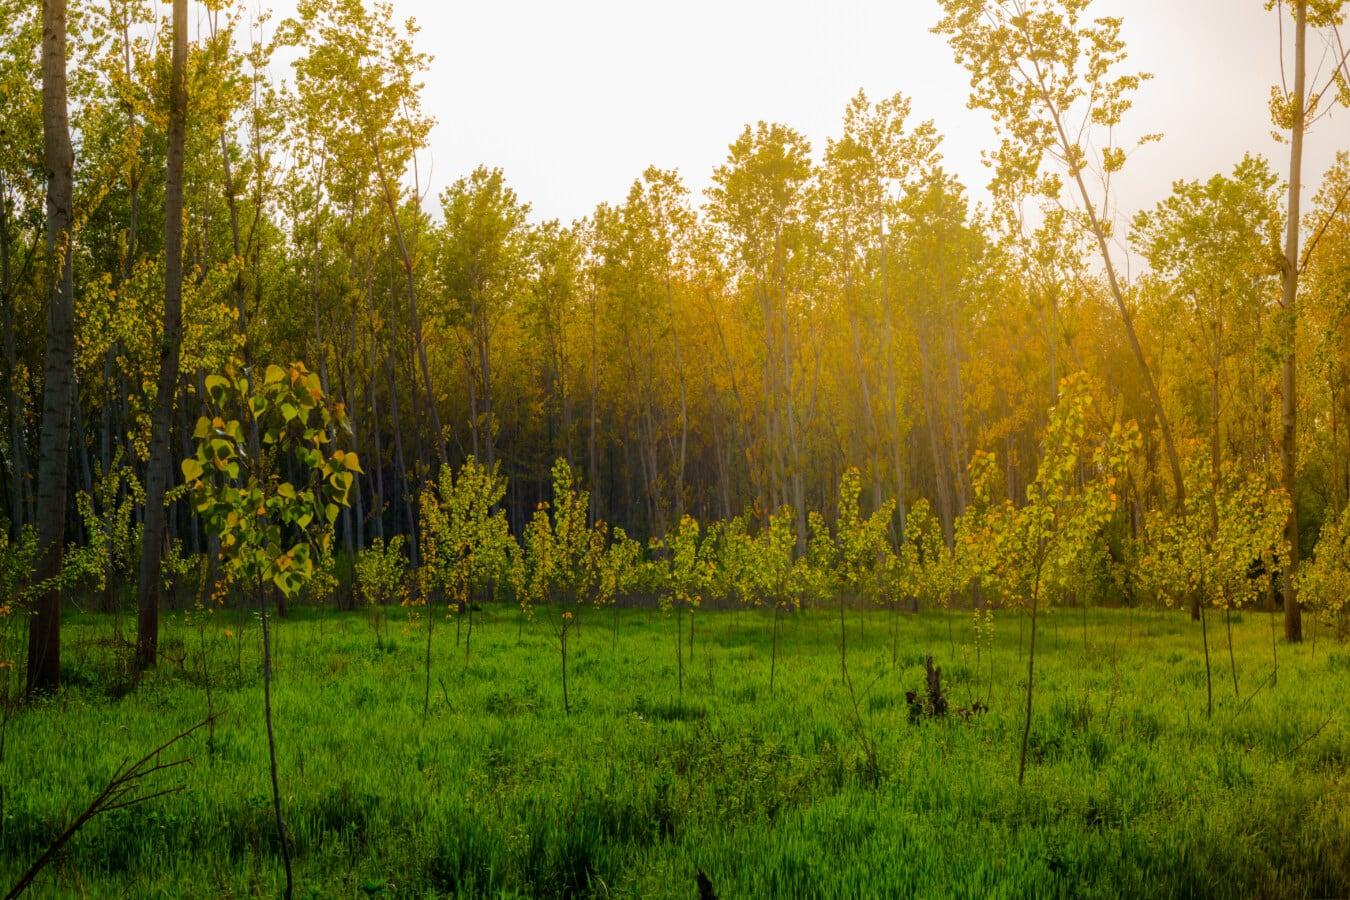 Wald, junge, Bäume, Sonnenstrahlen, Sonnenschein, sonnig, Holz, Struktur, Herbst, Landschaft